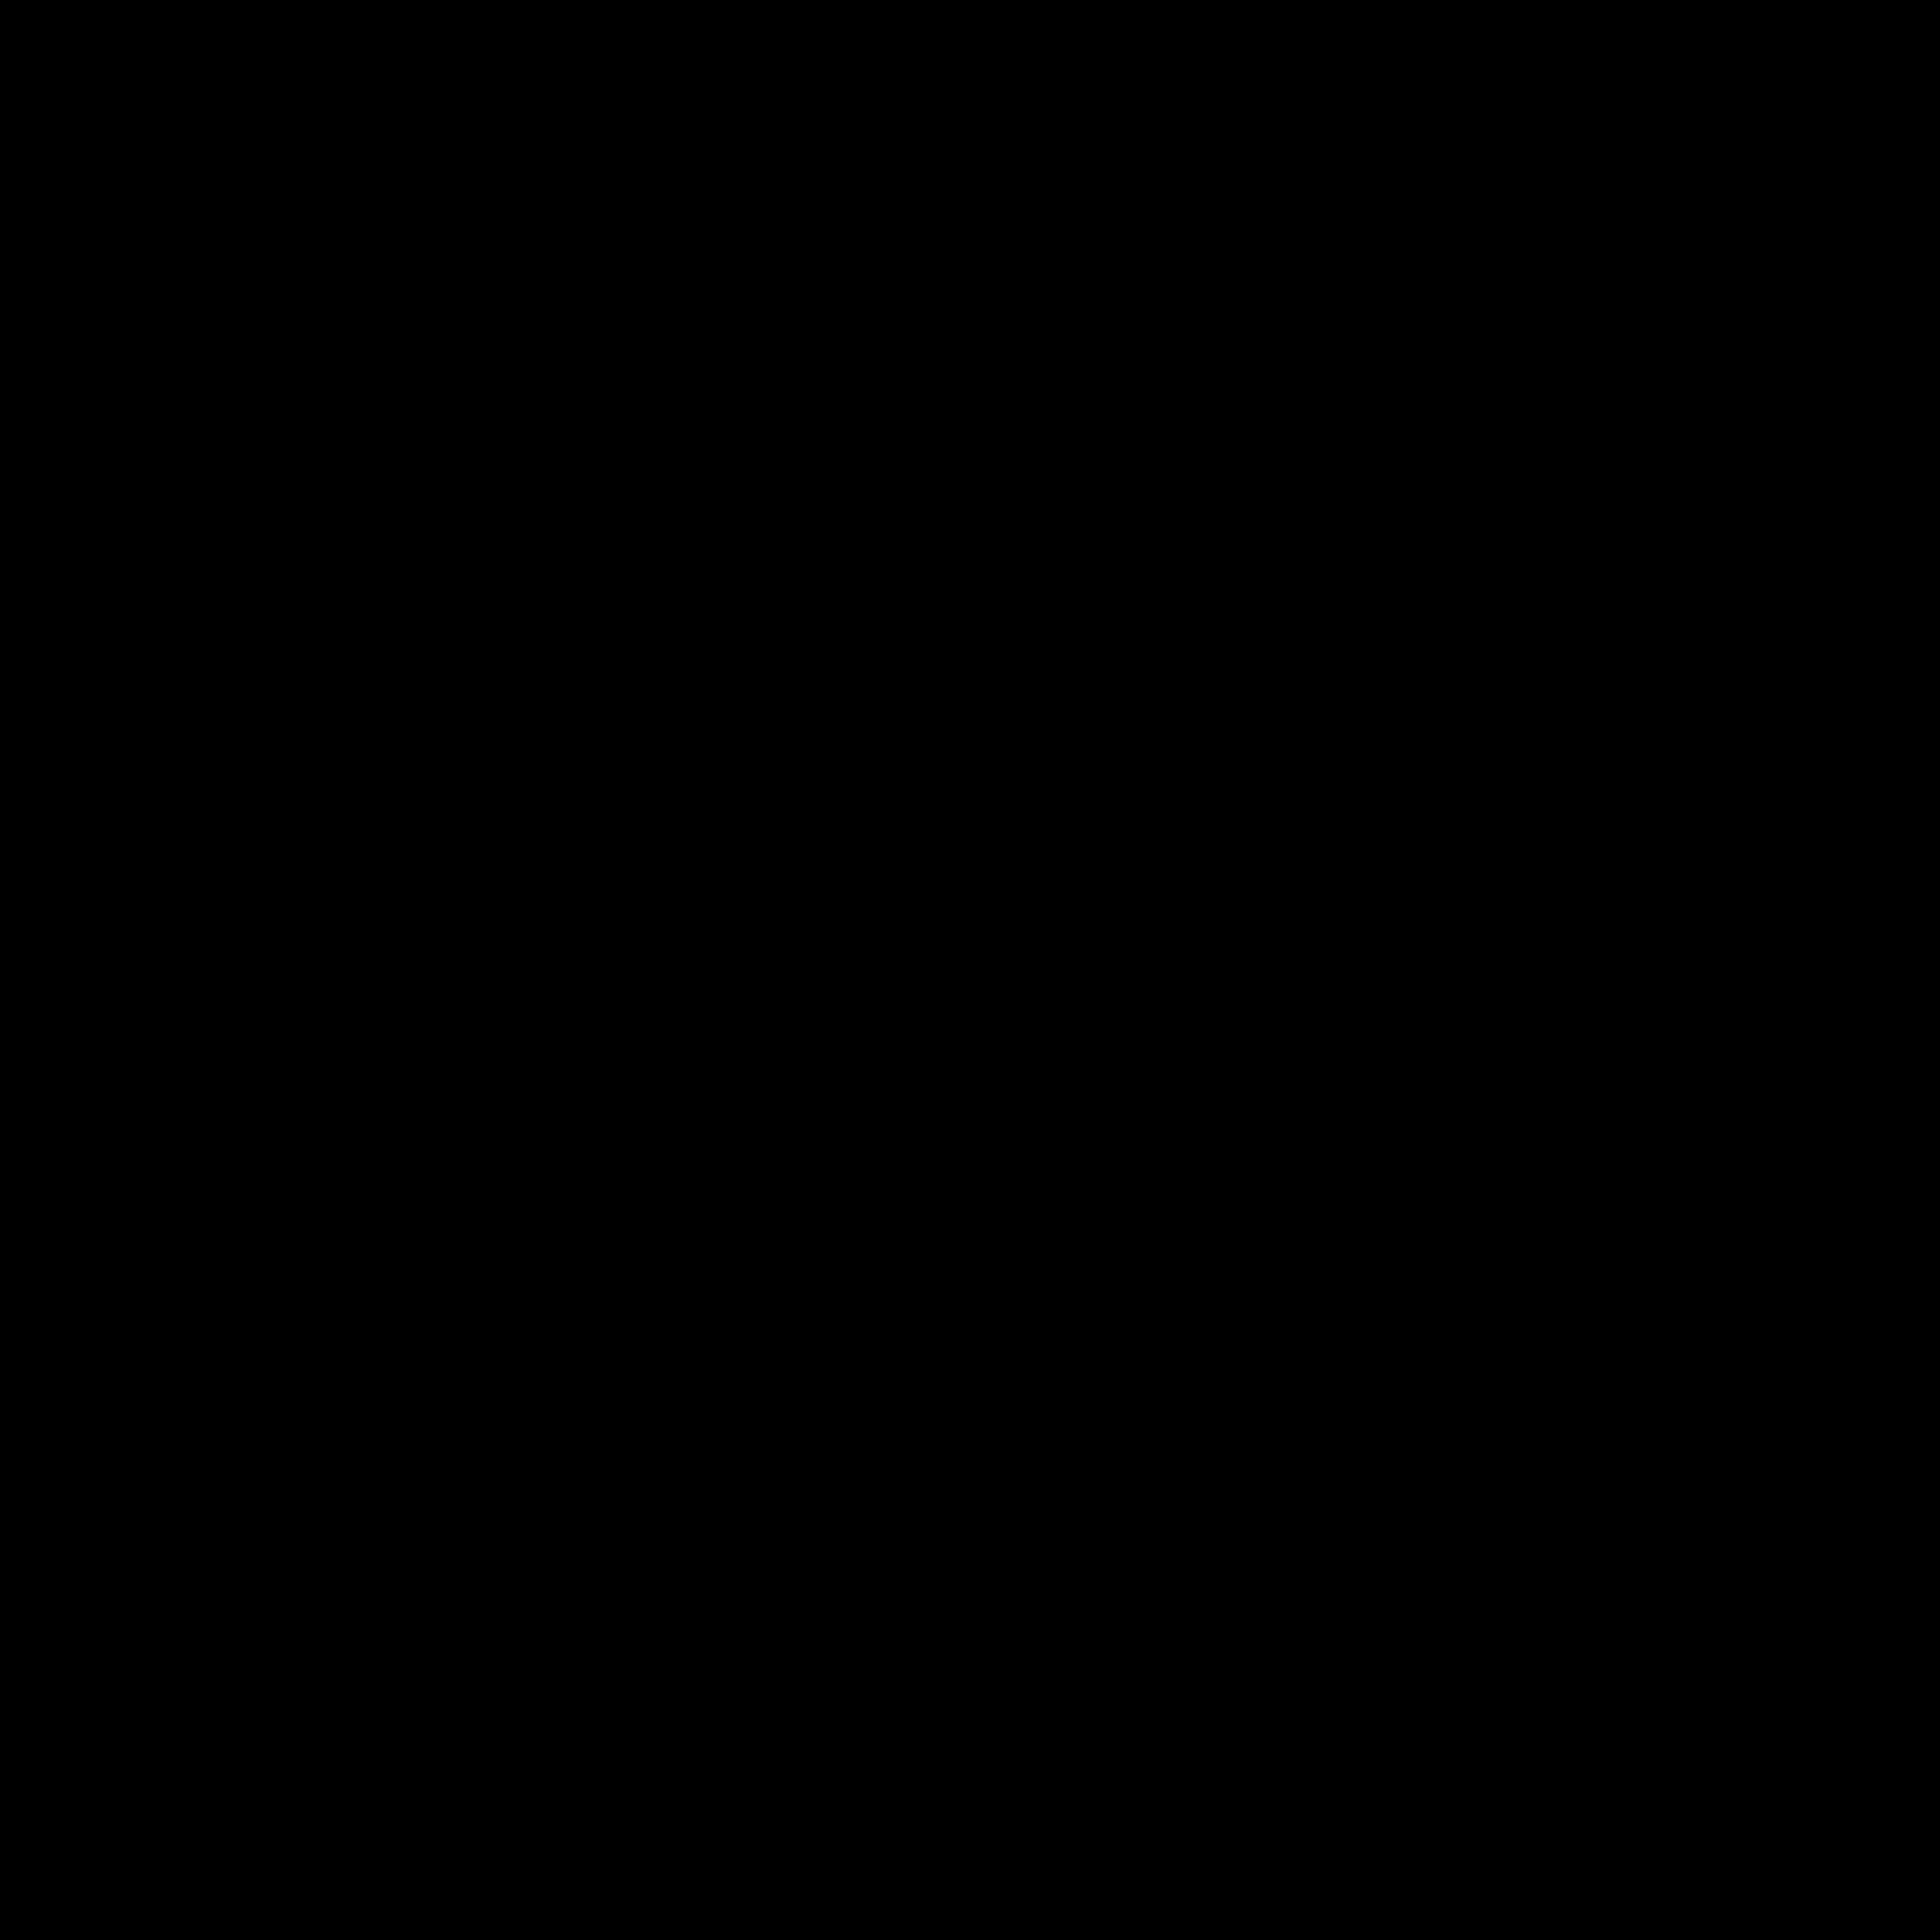 black, aws icon